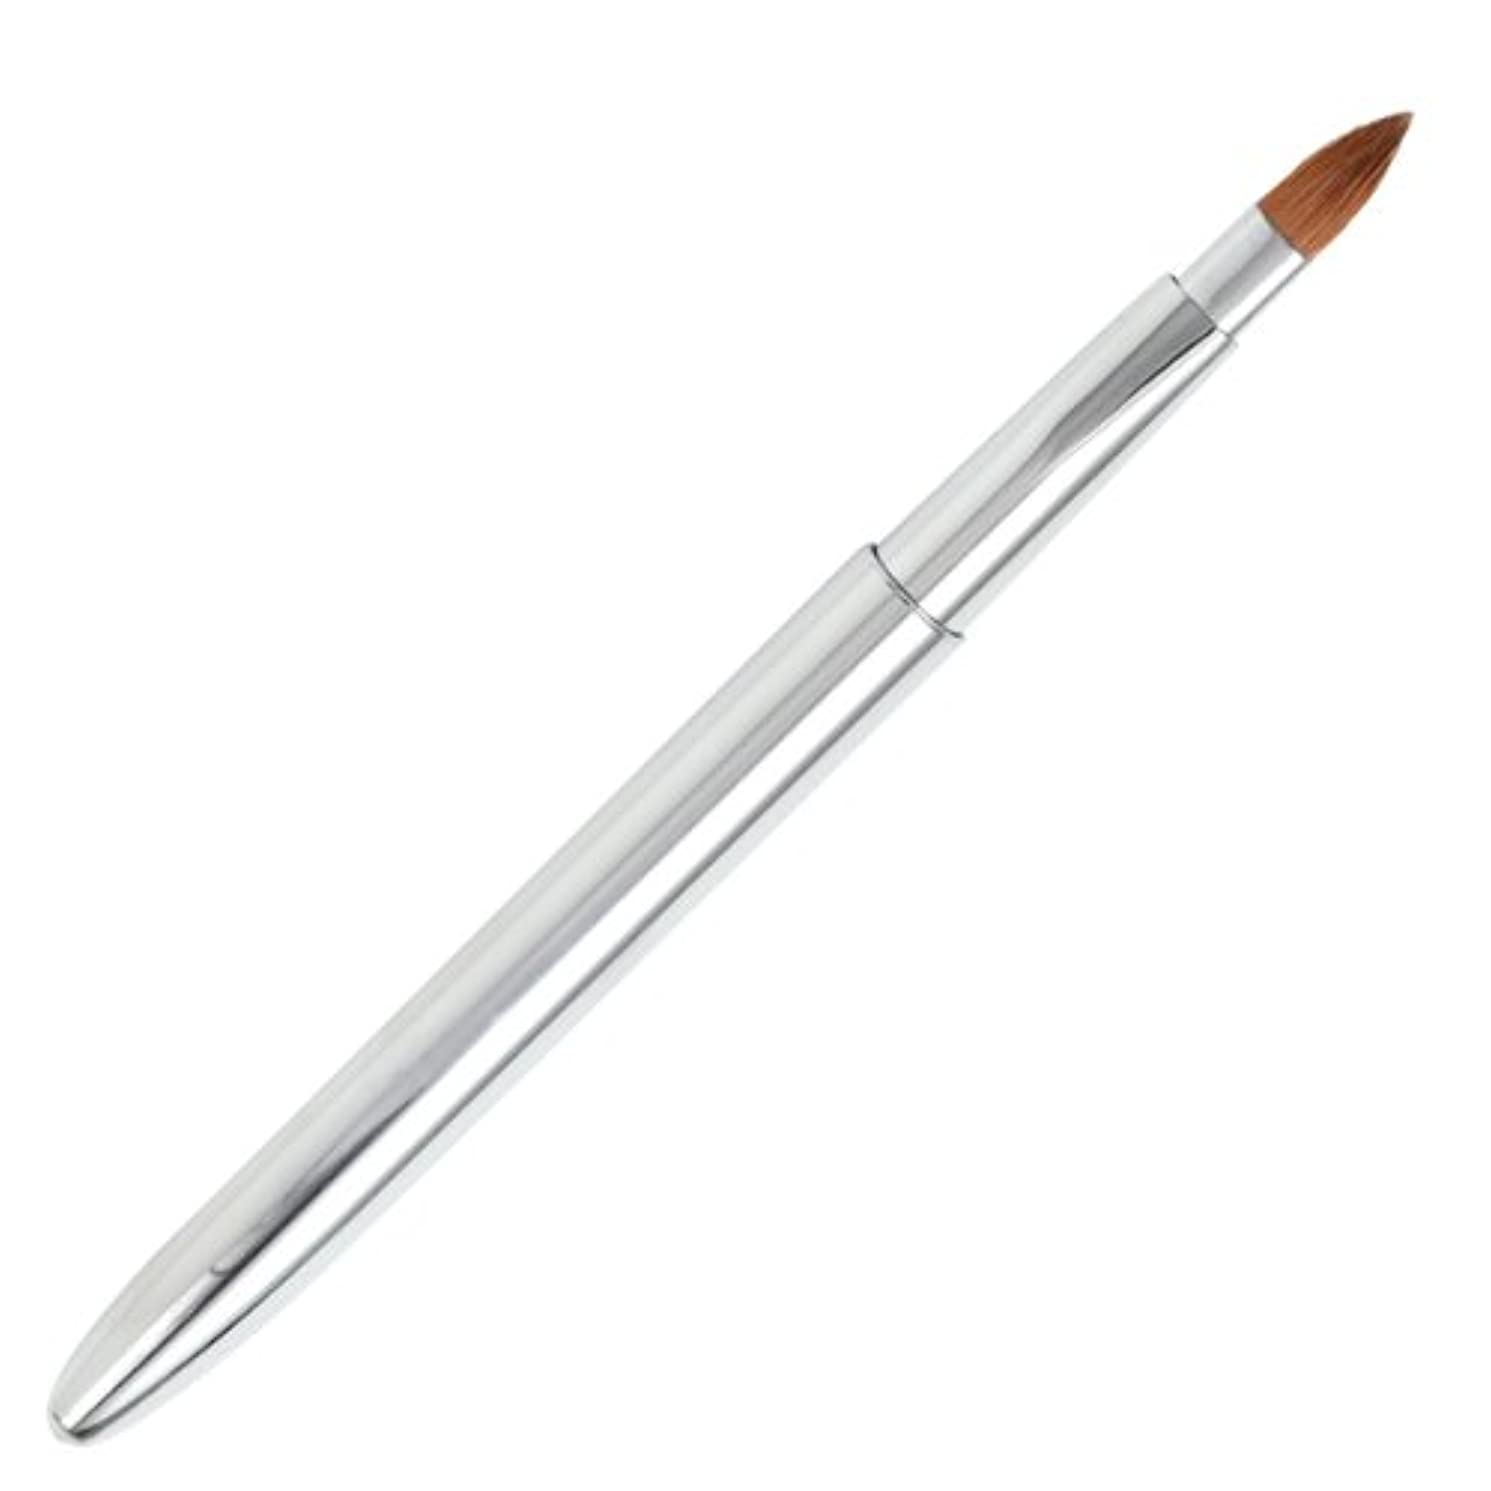 適応的起きる脅かす広島熊野筆 オートリップブラシ 毛質 イタチ L-2